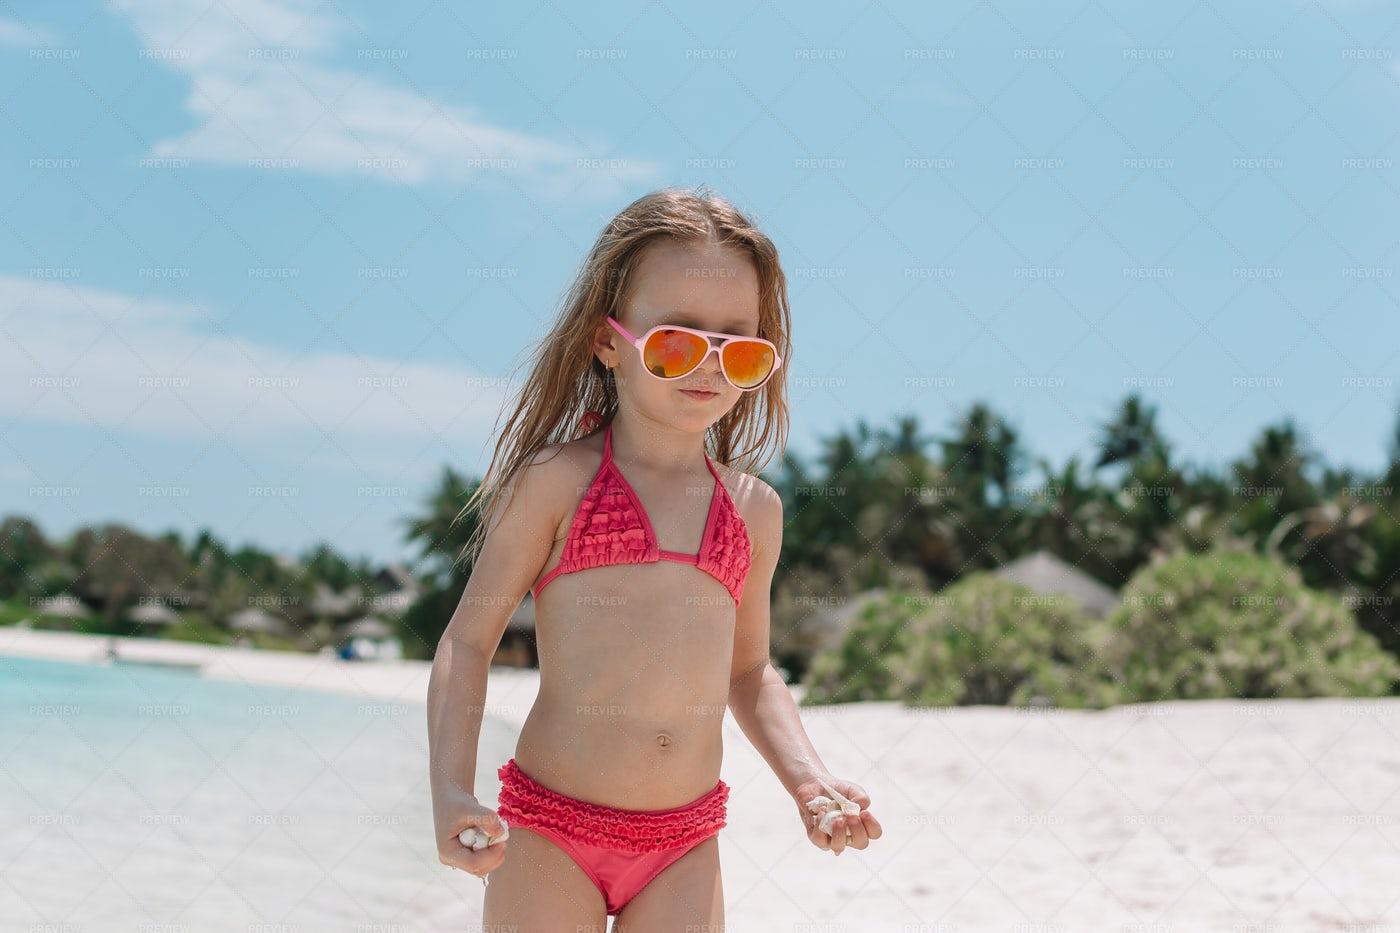 Kid On The Beach: Stock Photos